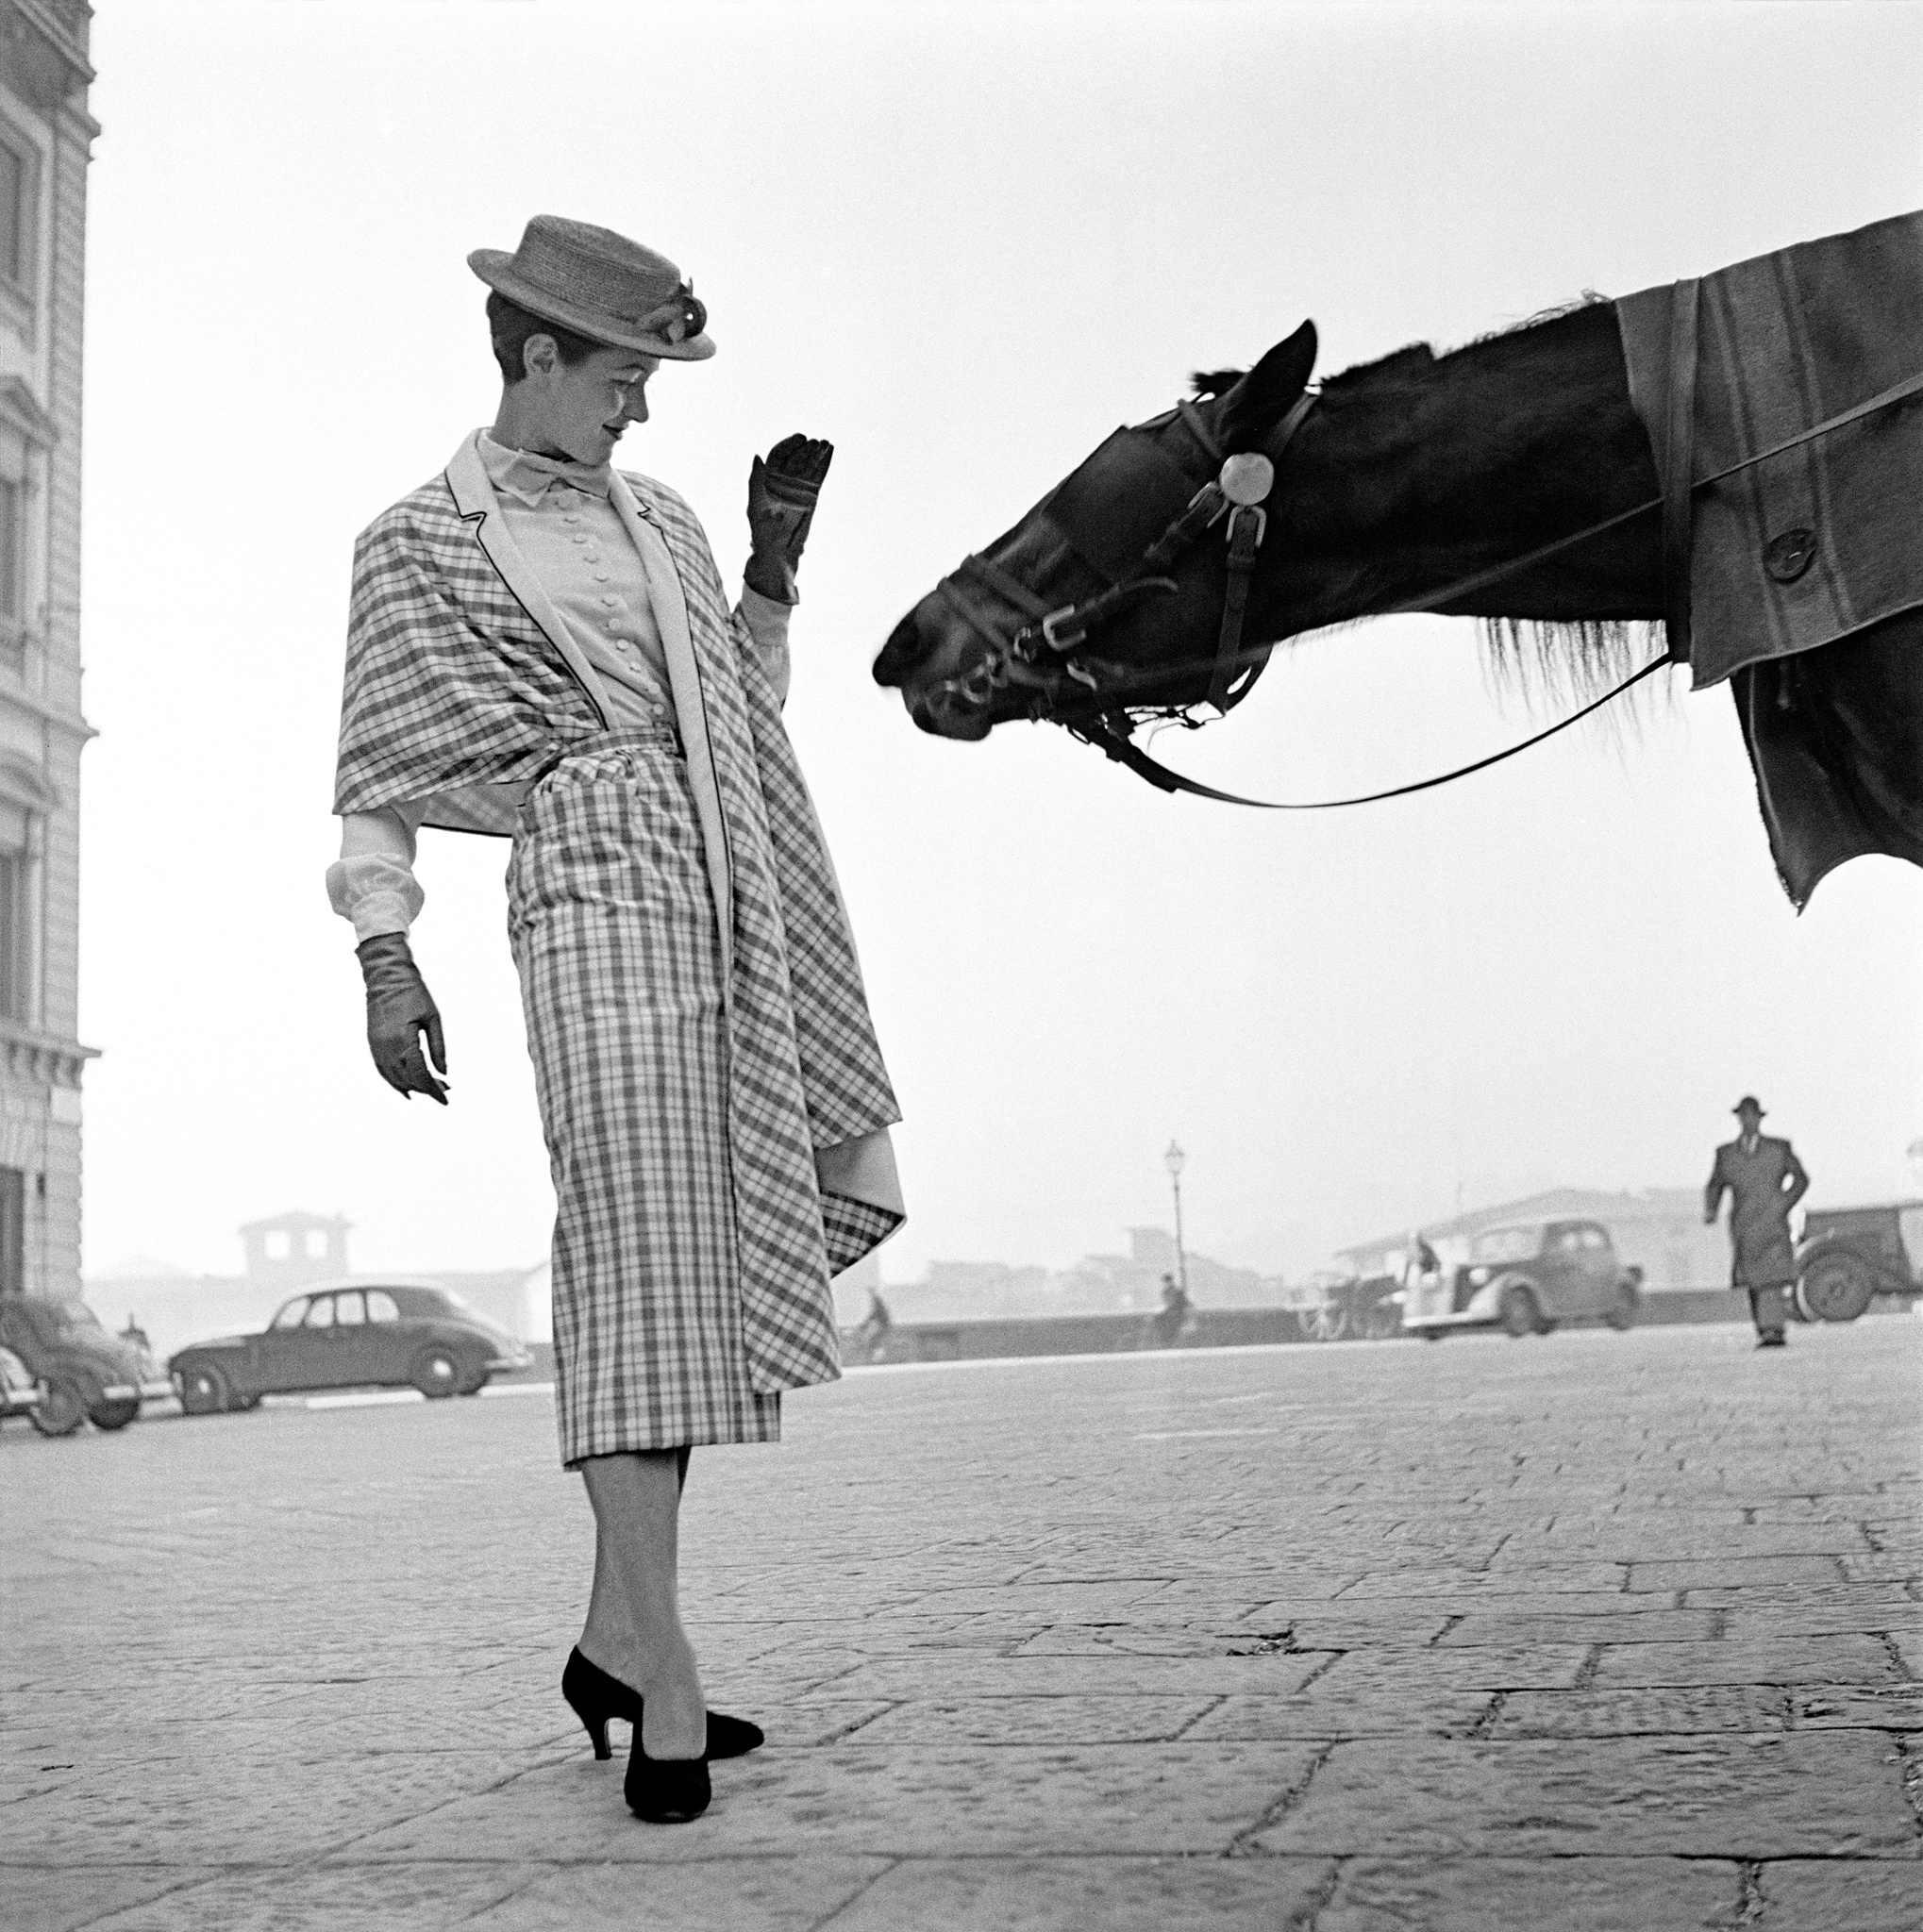 Fotó: Frank Horvat: Firenze, First Fashion Photography, 1951 © Frank Horvat